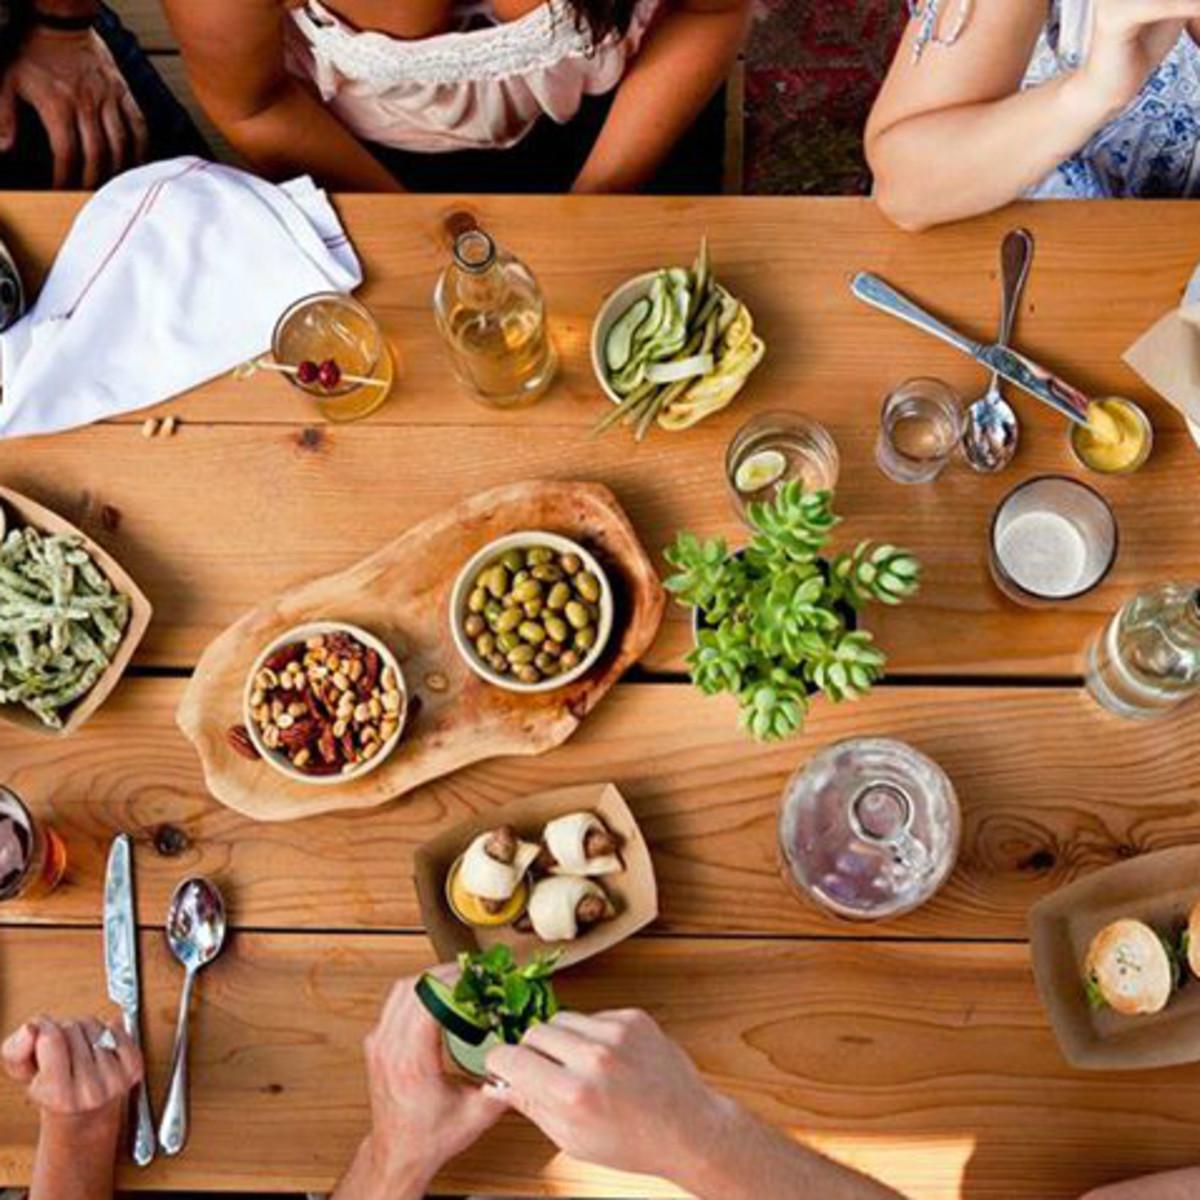 Contigo_Austin restaurant_patio bench_food_2013